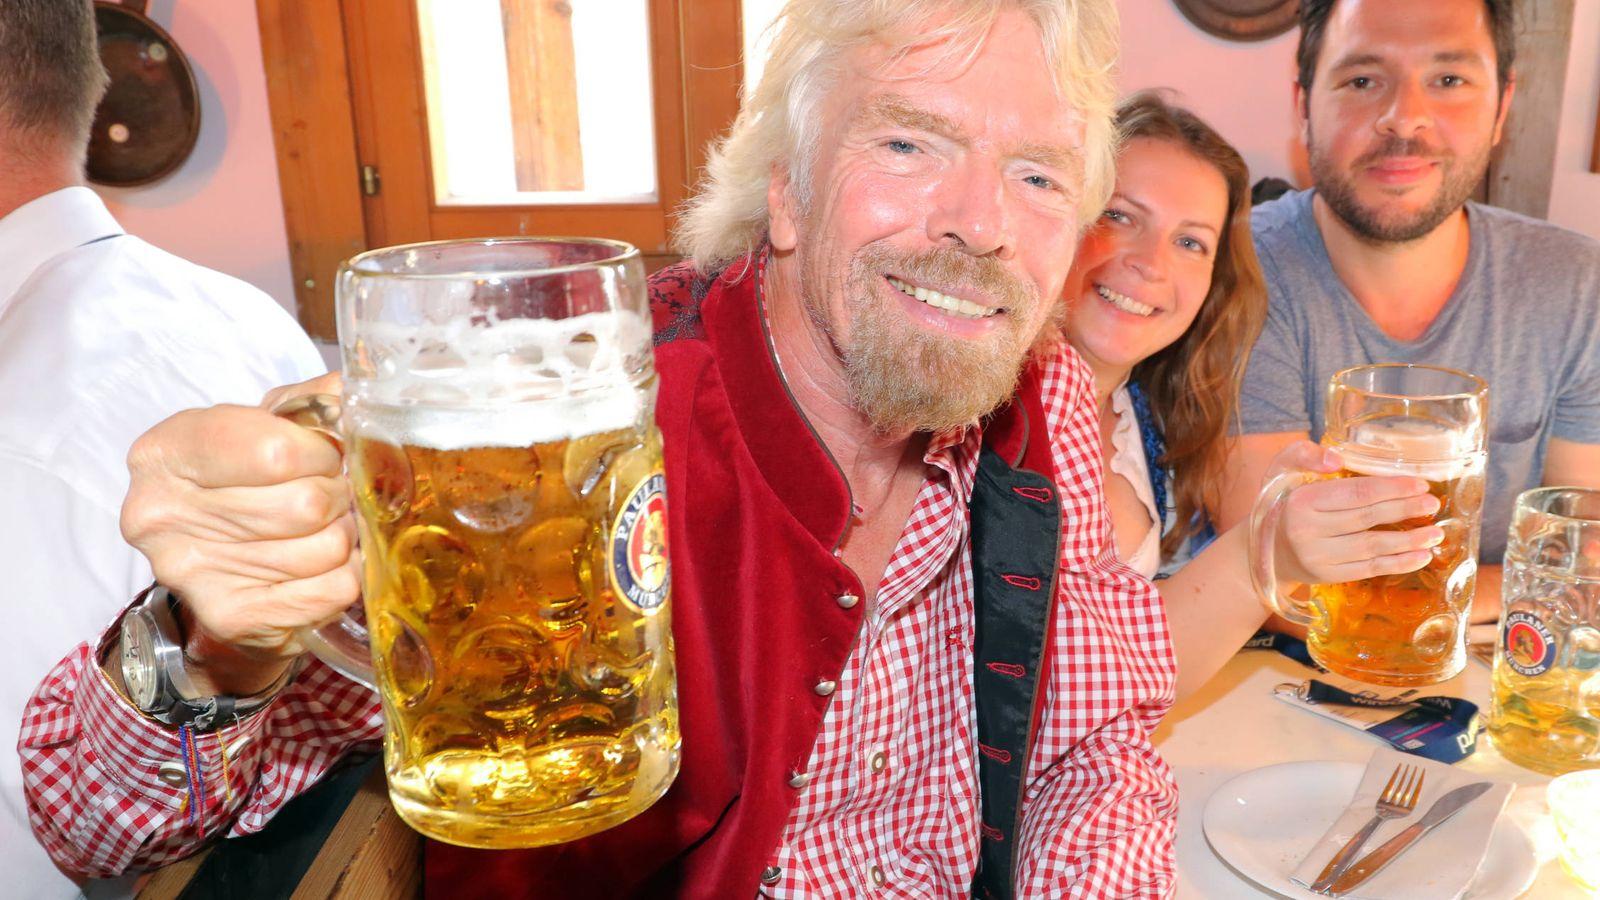 Foto: El empresario Richard Branson en una imagen de archivo. (Gtres)